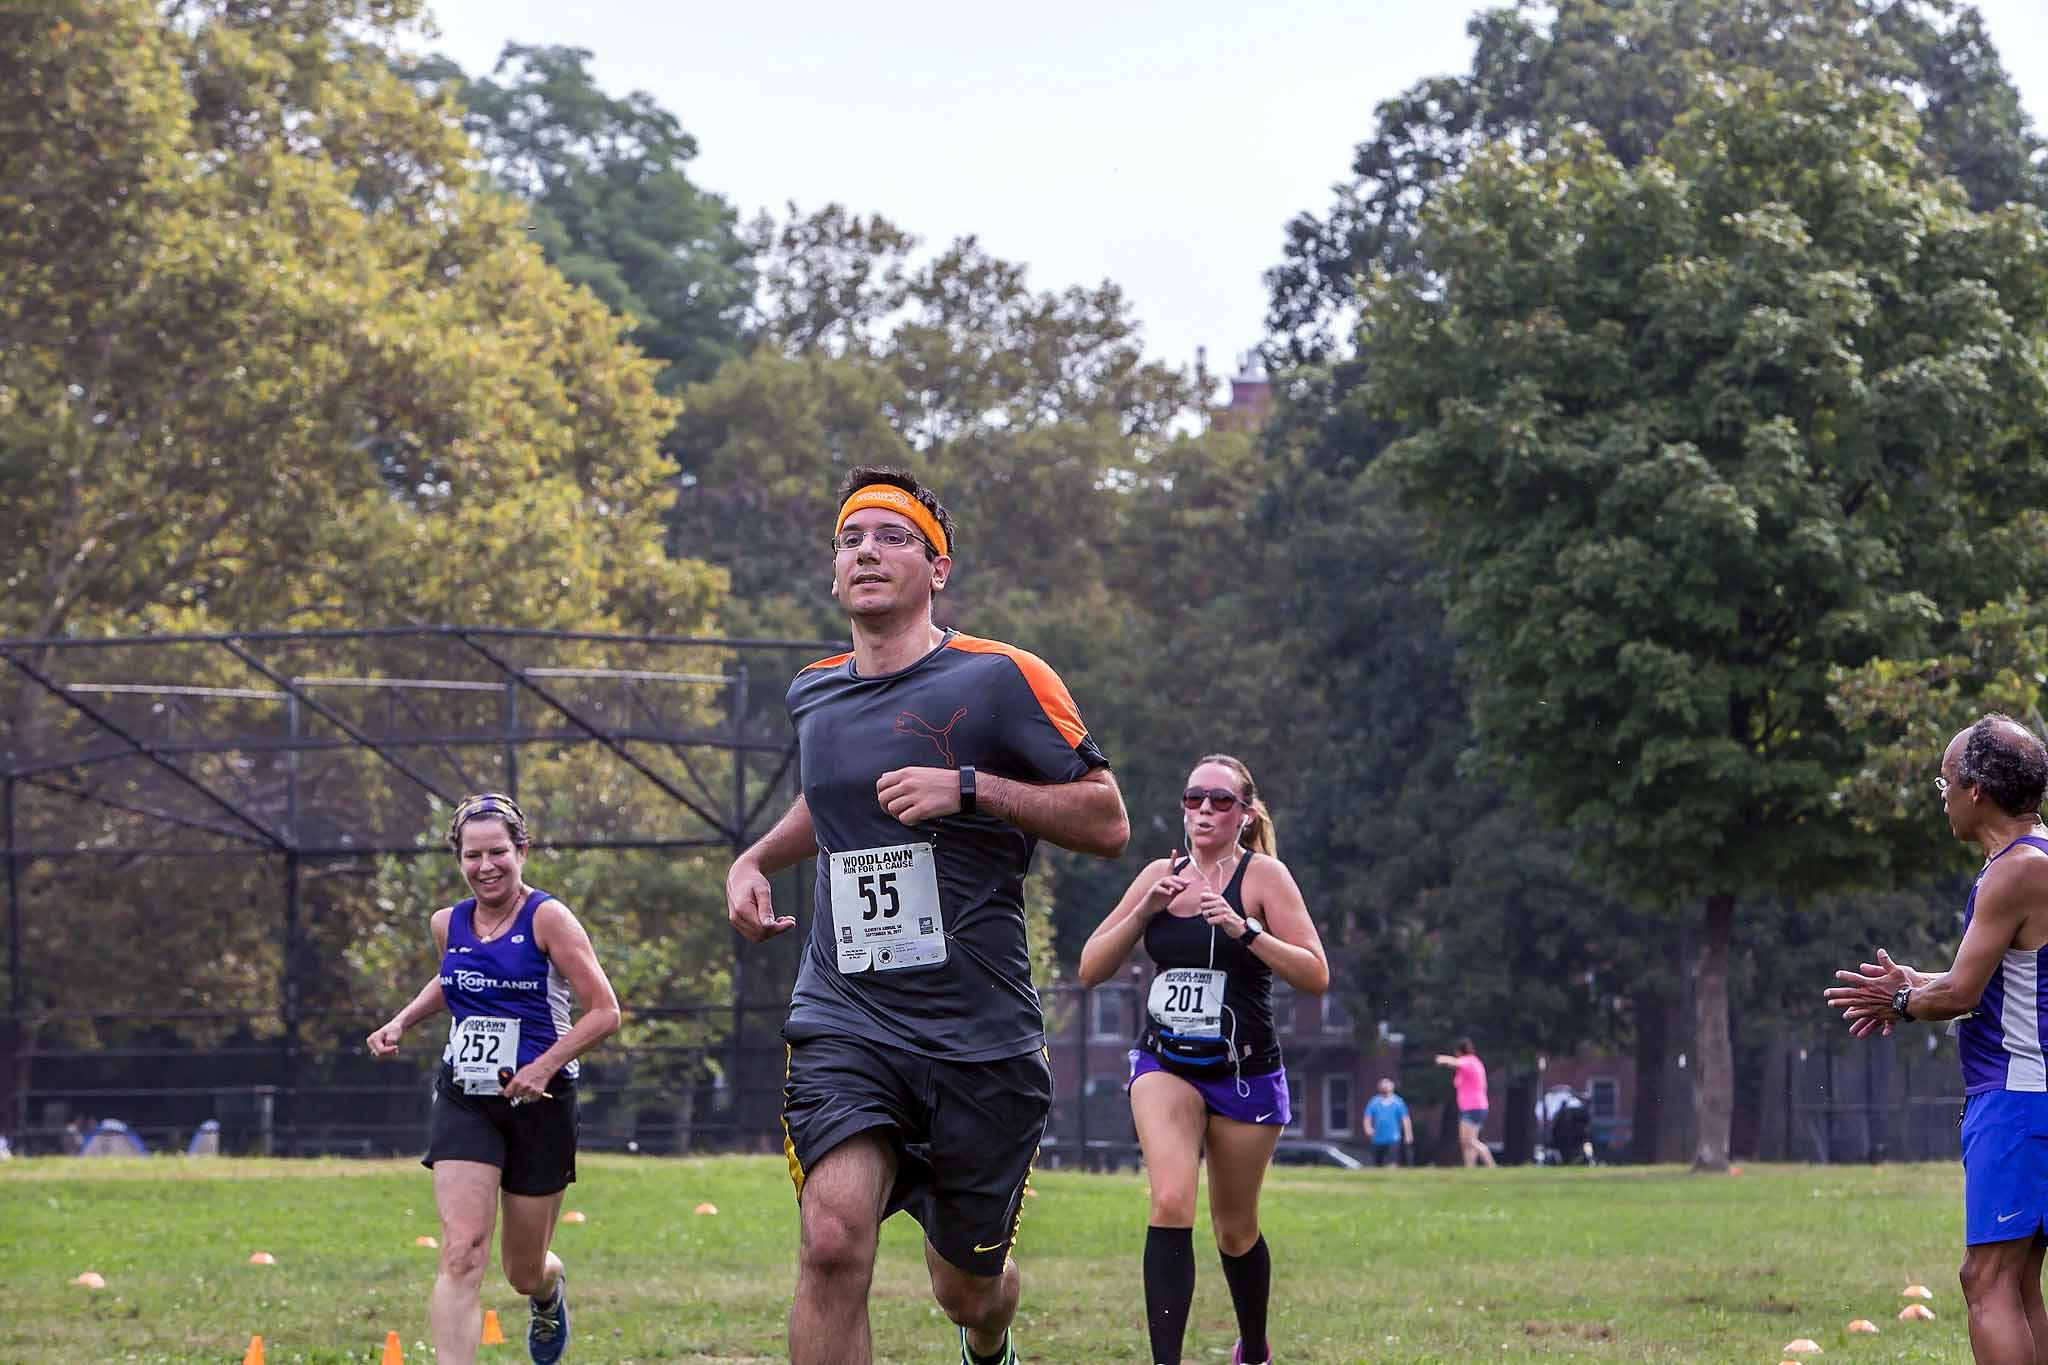 110-Woodlawn Run for a Cause-264.jpg